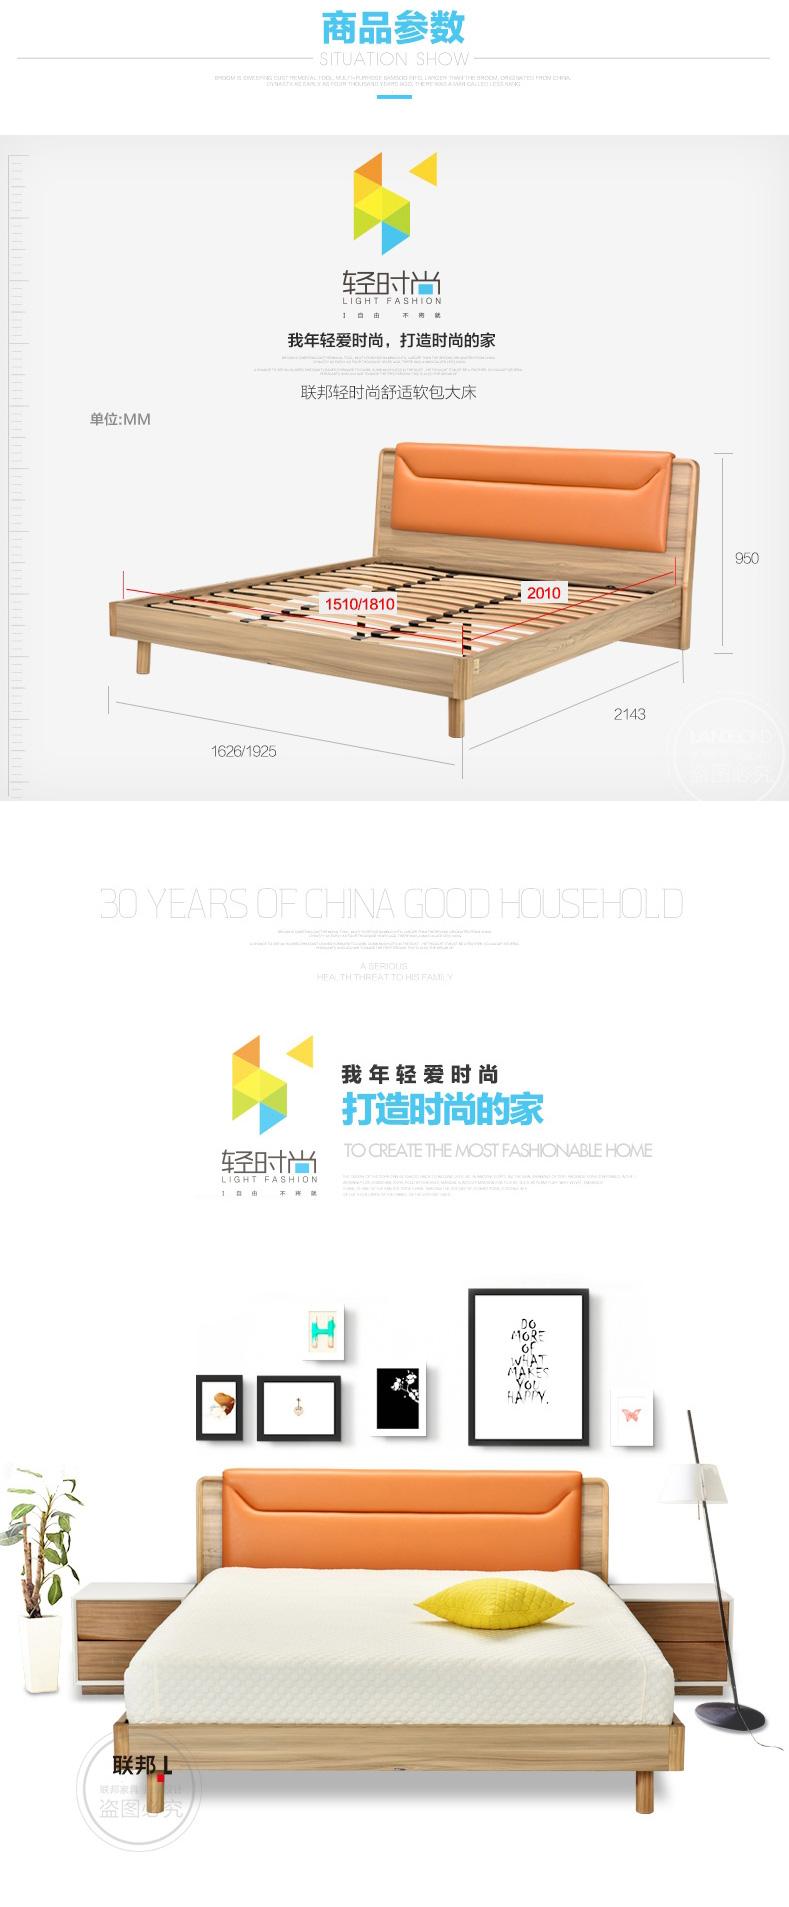 联邦家具-北欧现代实木床1.5米_06.jpg